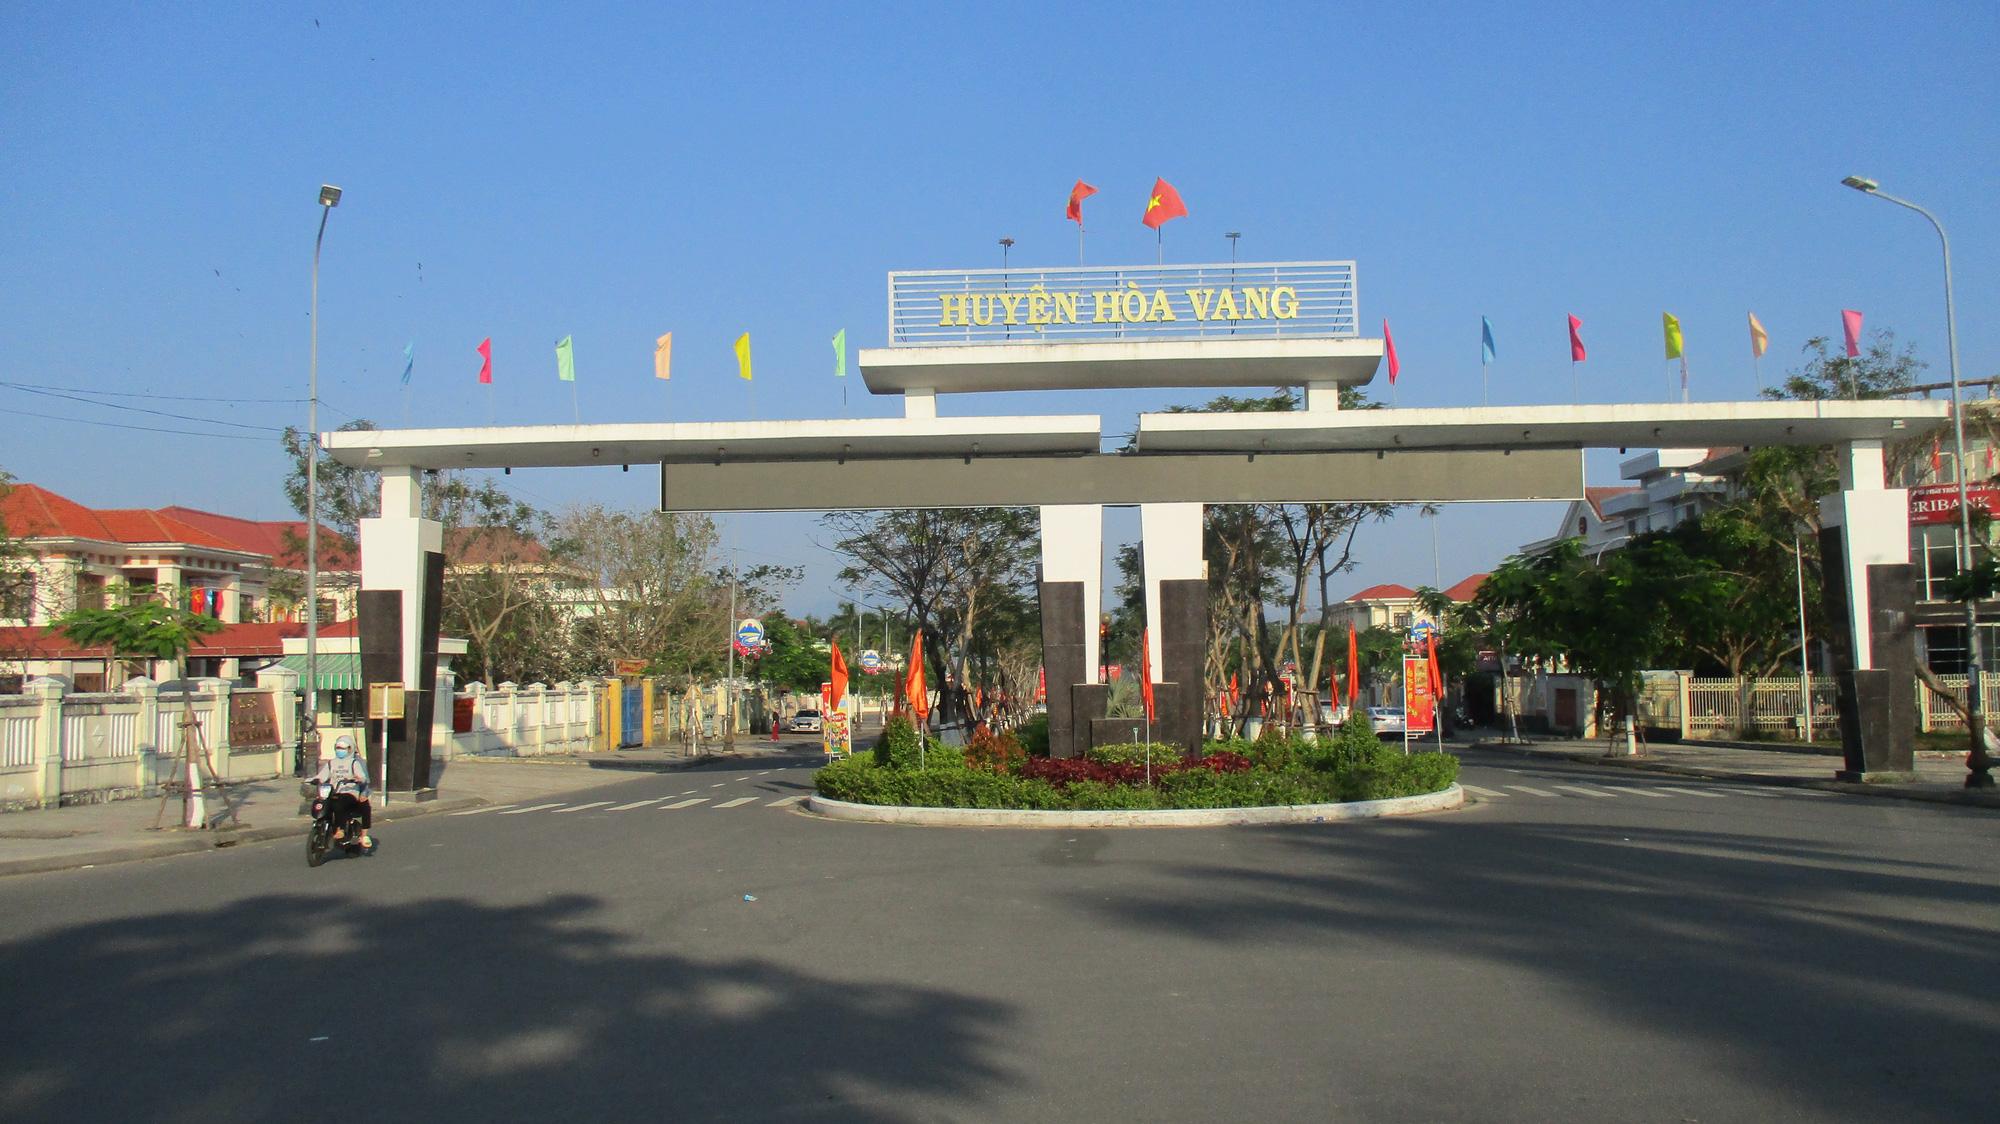 Đà Nẵng: Dấu ấn Hòa Vang sau 10 năm xây dựng nông thôn mới - Ảnh 1.